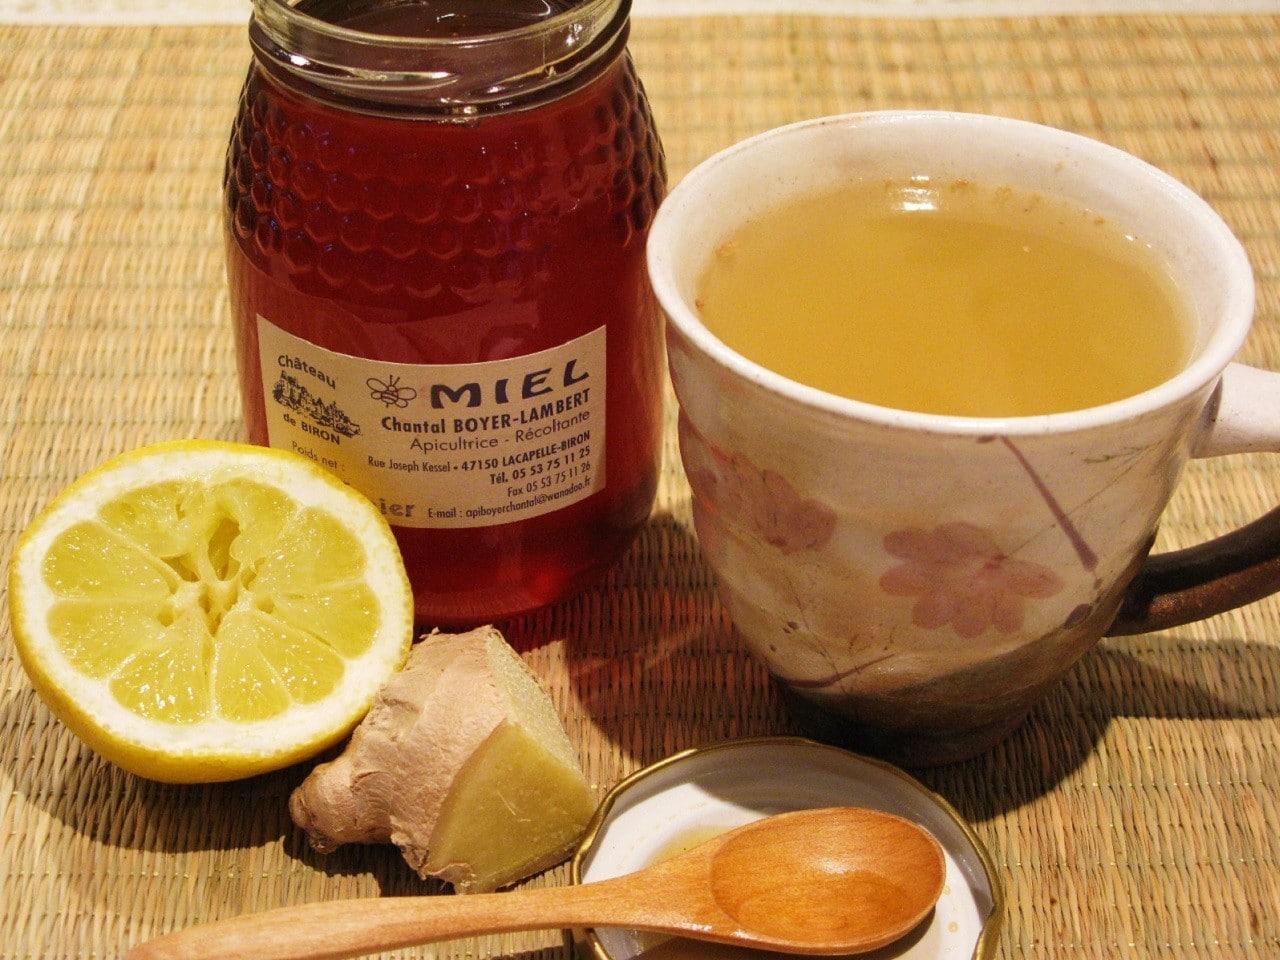 Soğuk Algınlığına Doğal Çözüm: Zencefil, Bal, Limon